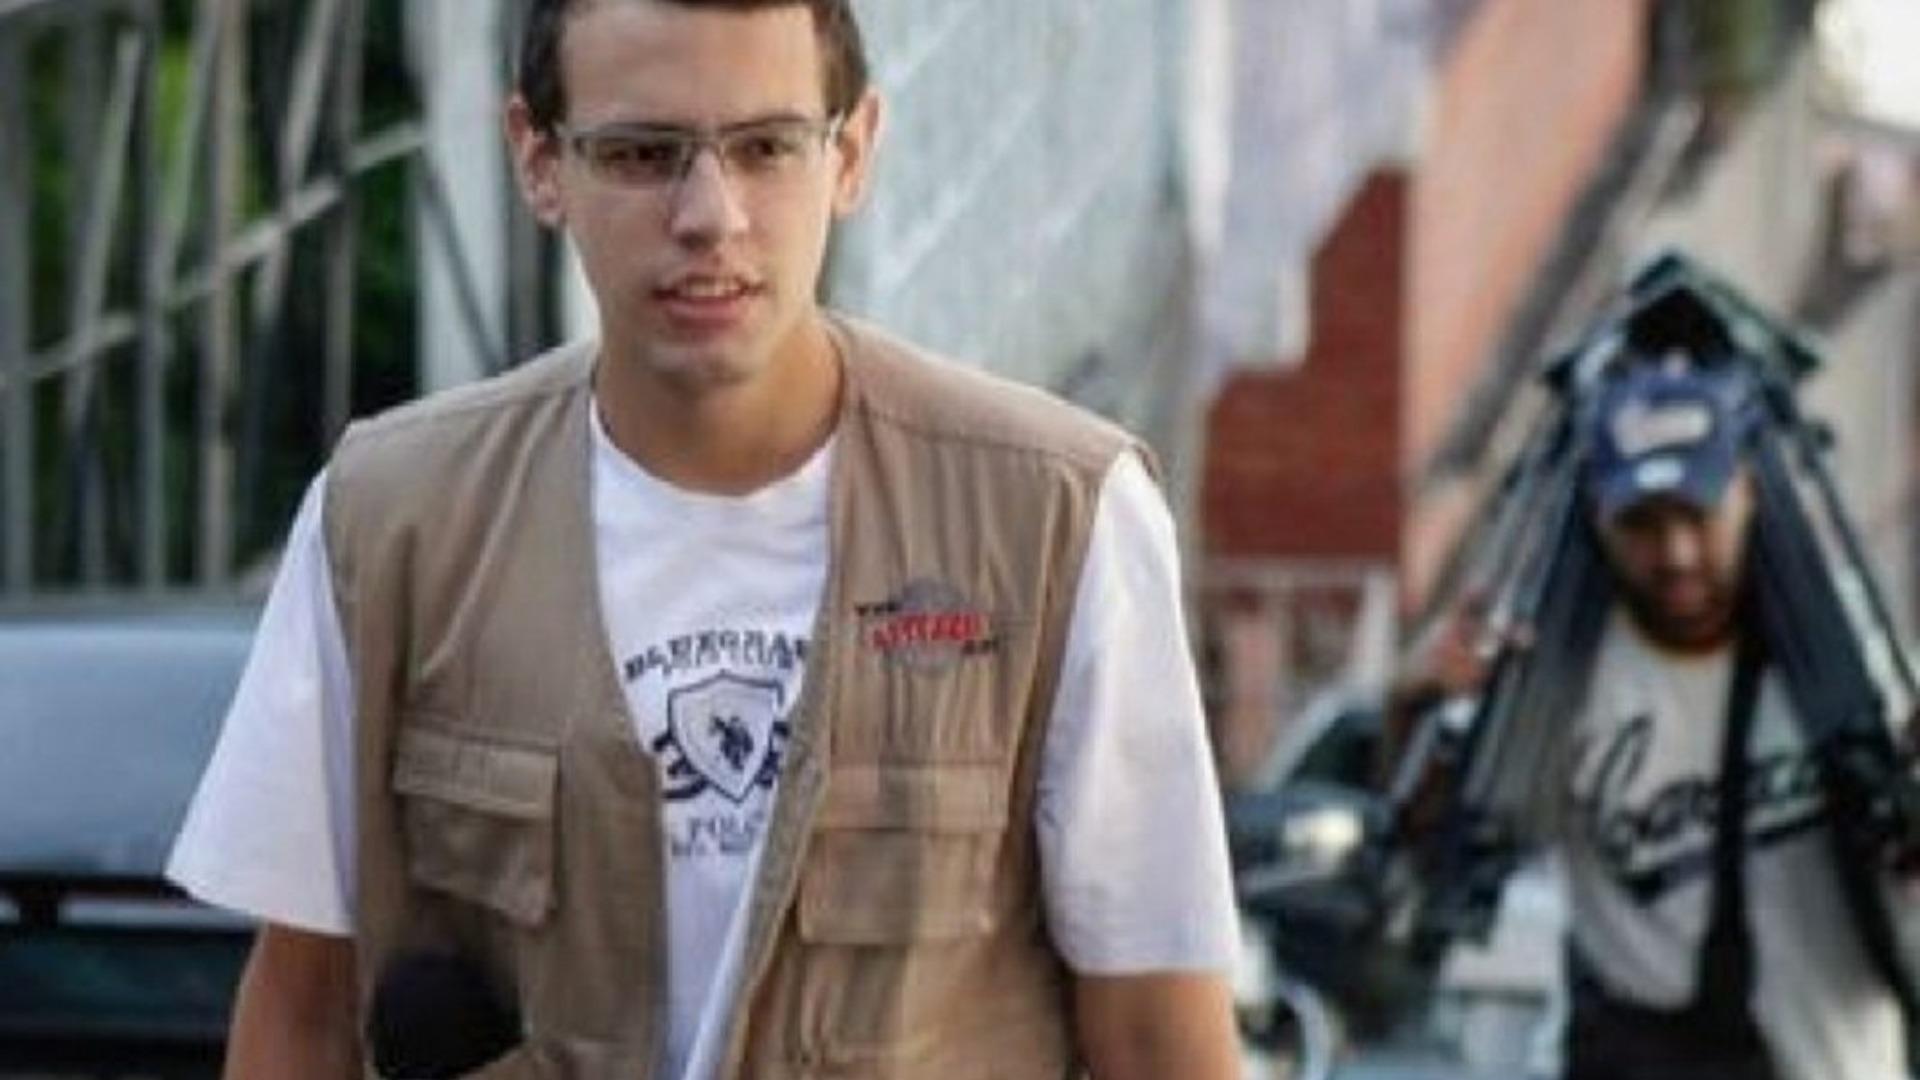 #MonitorDeVíctimas | FAES detuvieron al periodista Darvinson Rojas